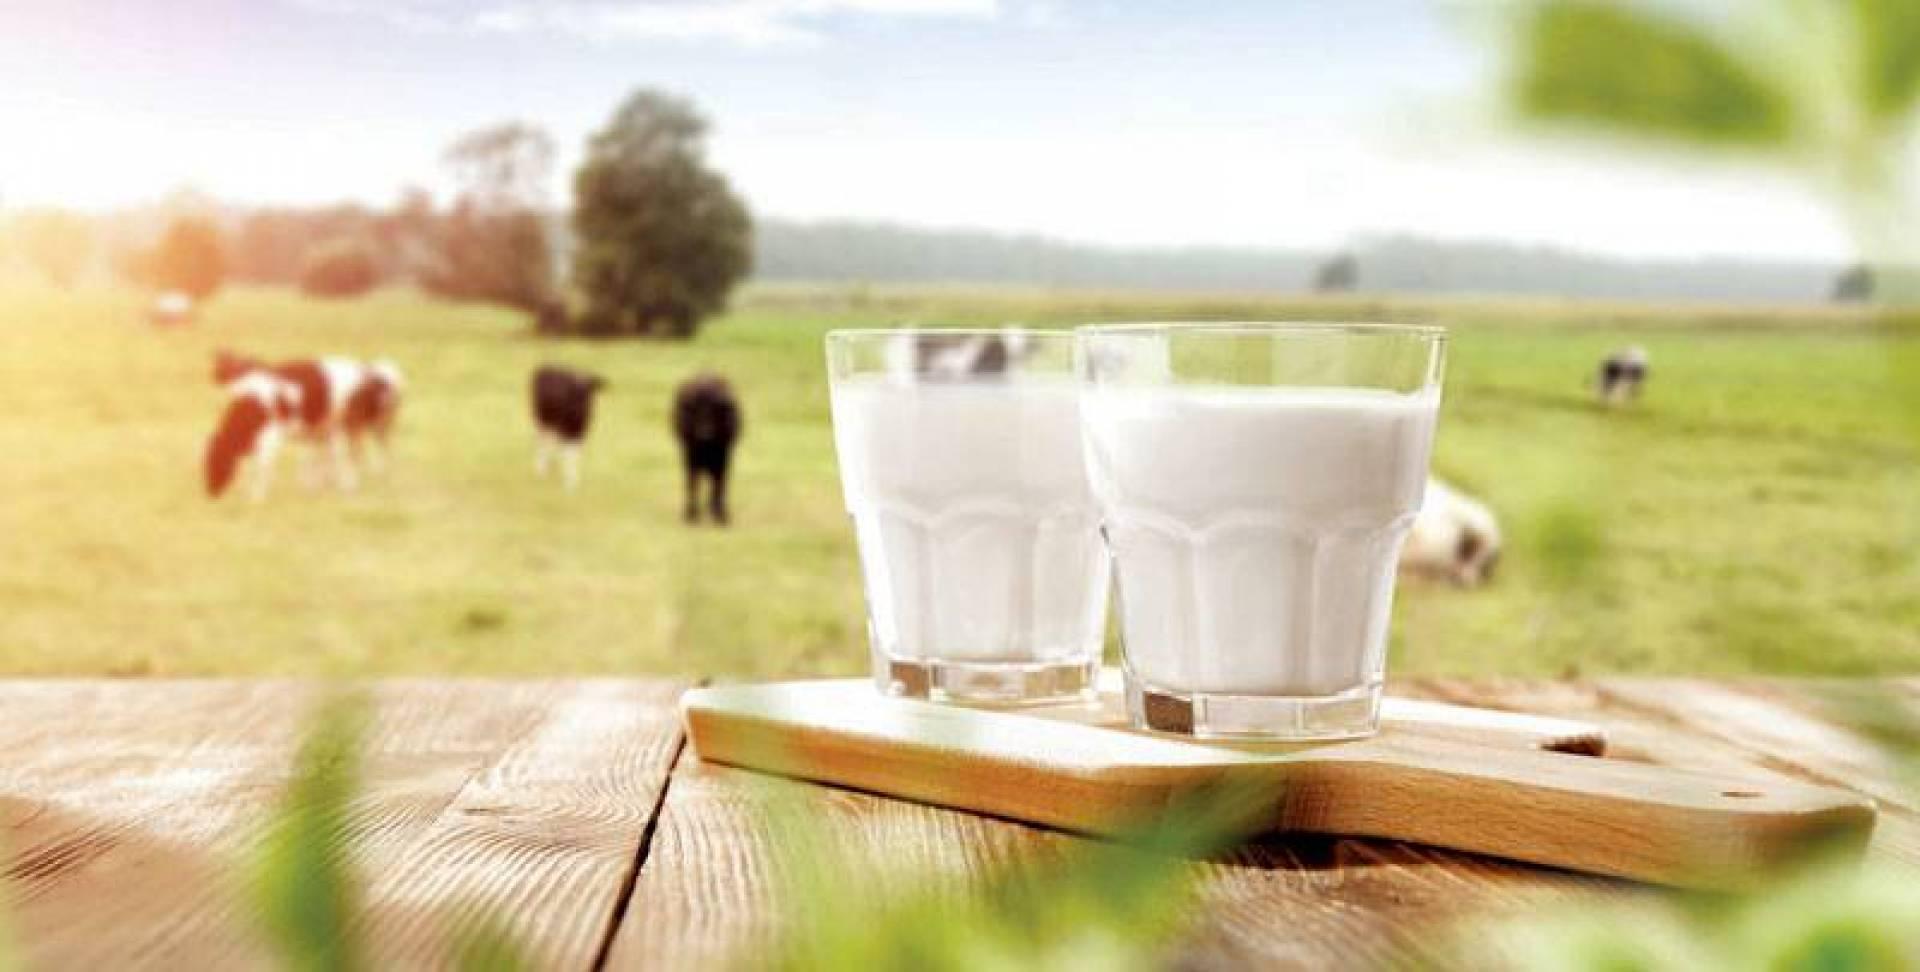 الحليب.. يحوي أدوية الأبقار وهرموناتها